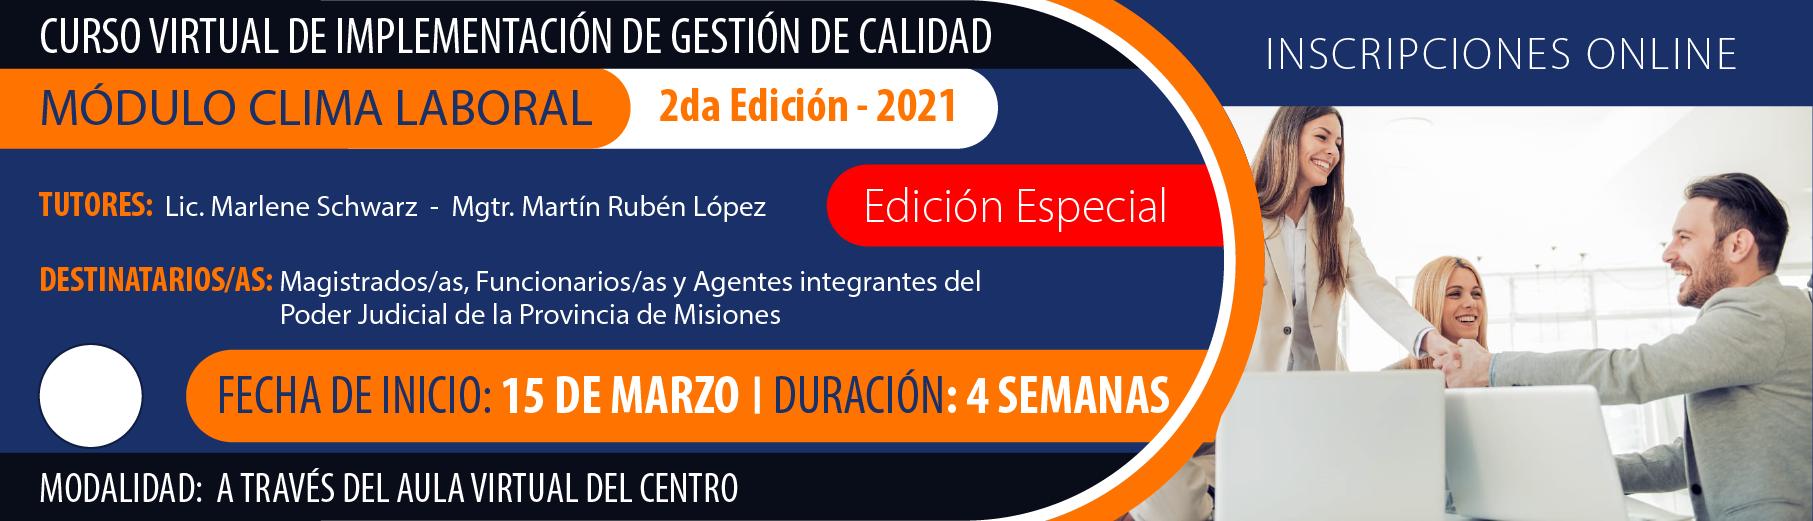 """Curso Virtual de Implementación de Gestión de Calidad  """"Módulo Clima Laboral"""" 2da Edición - 2021"""